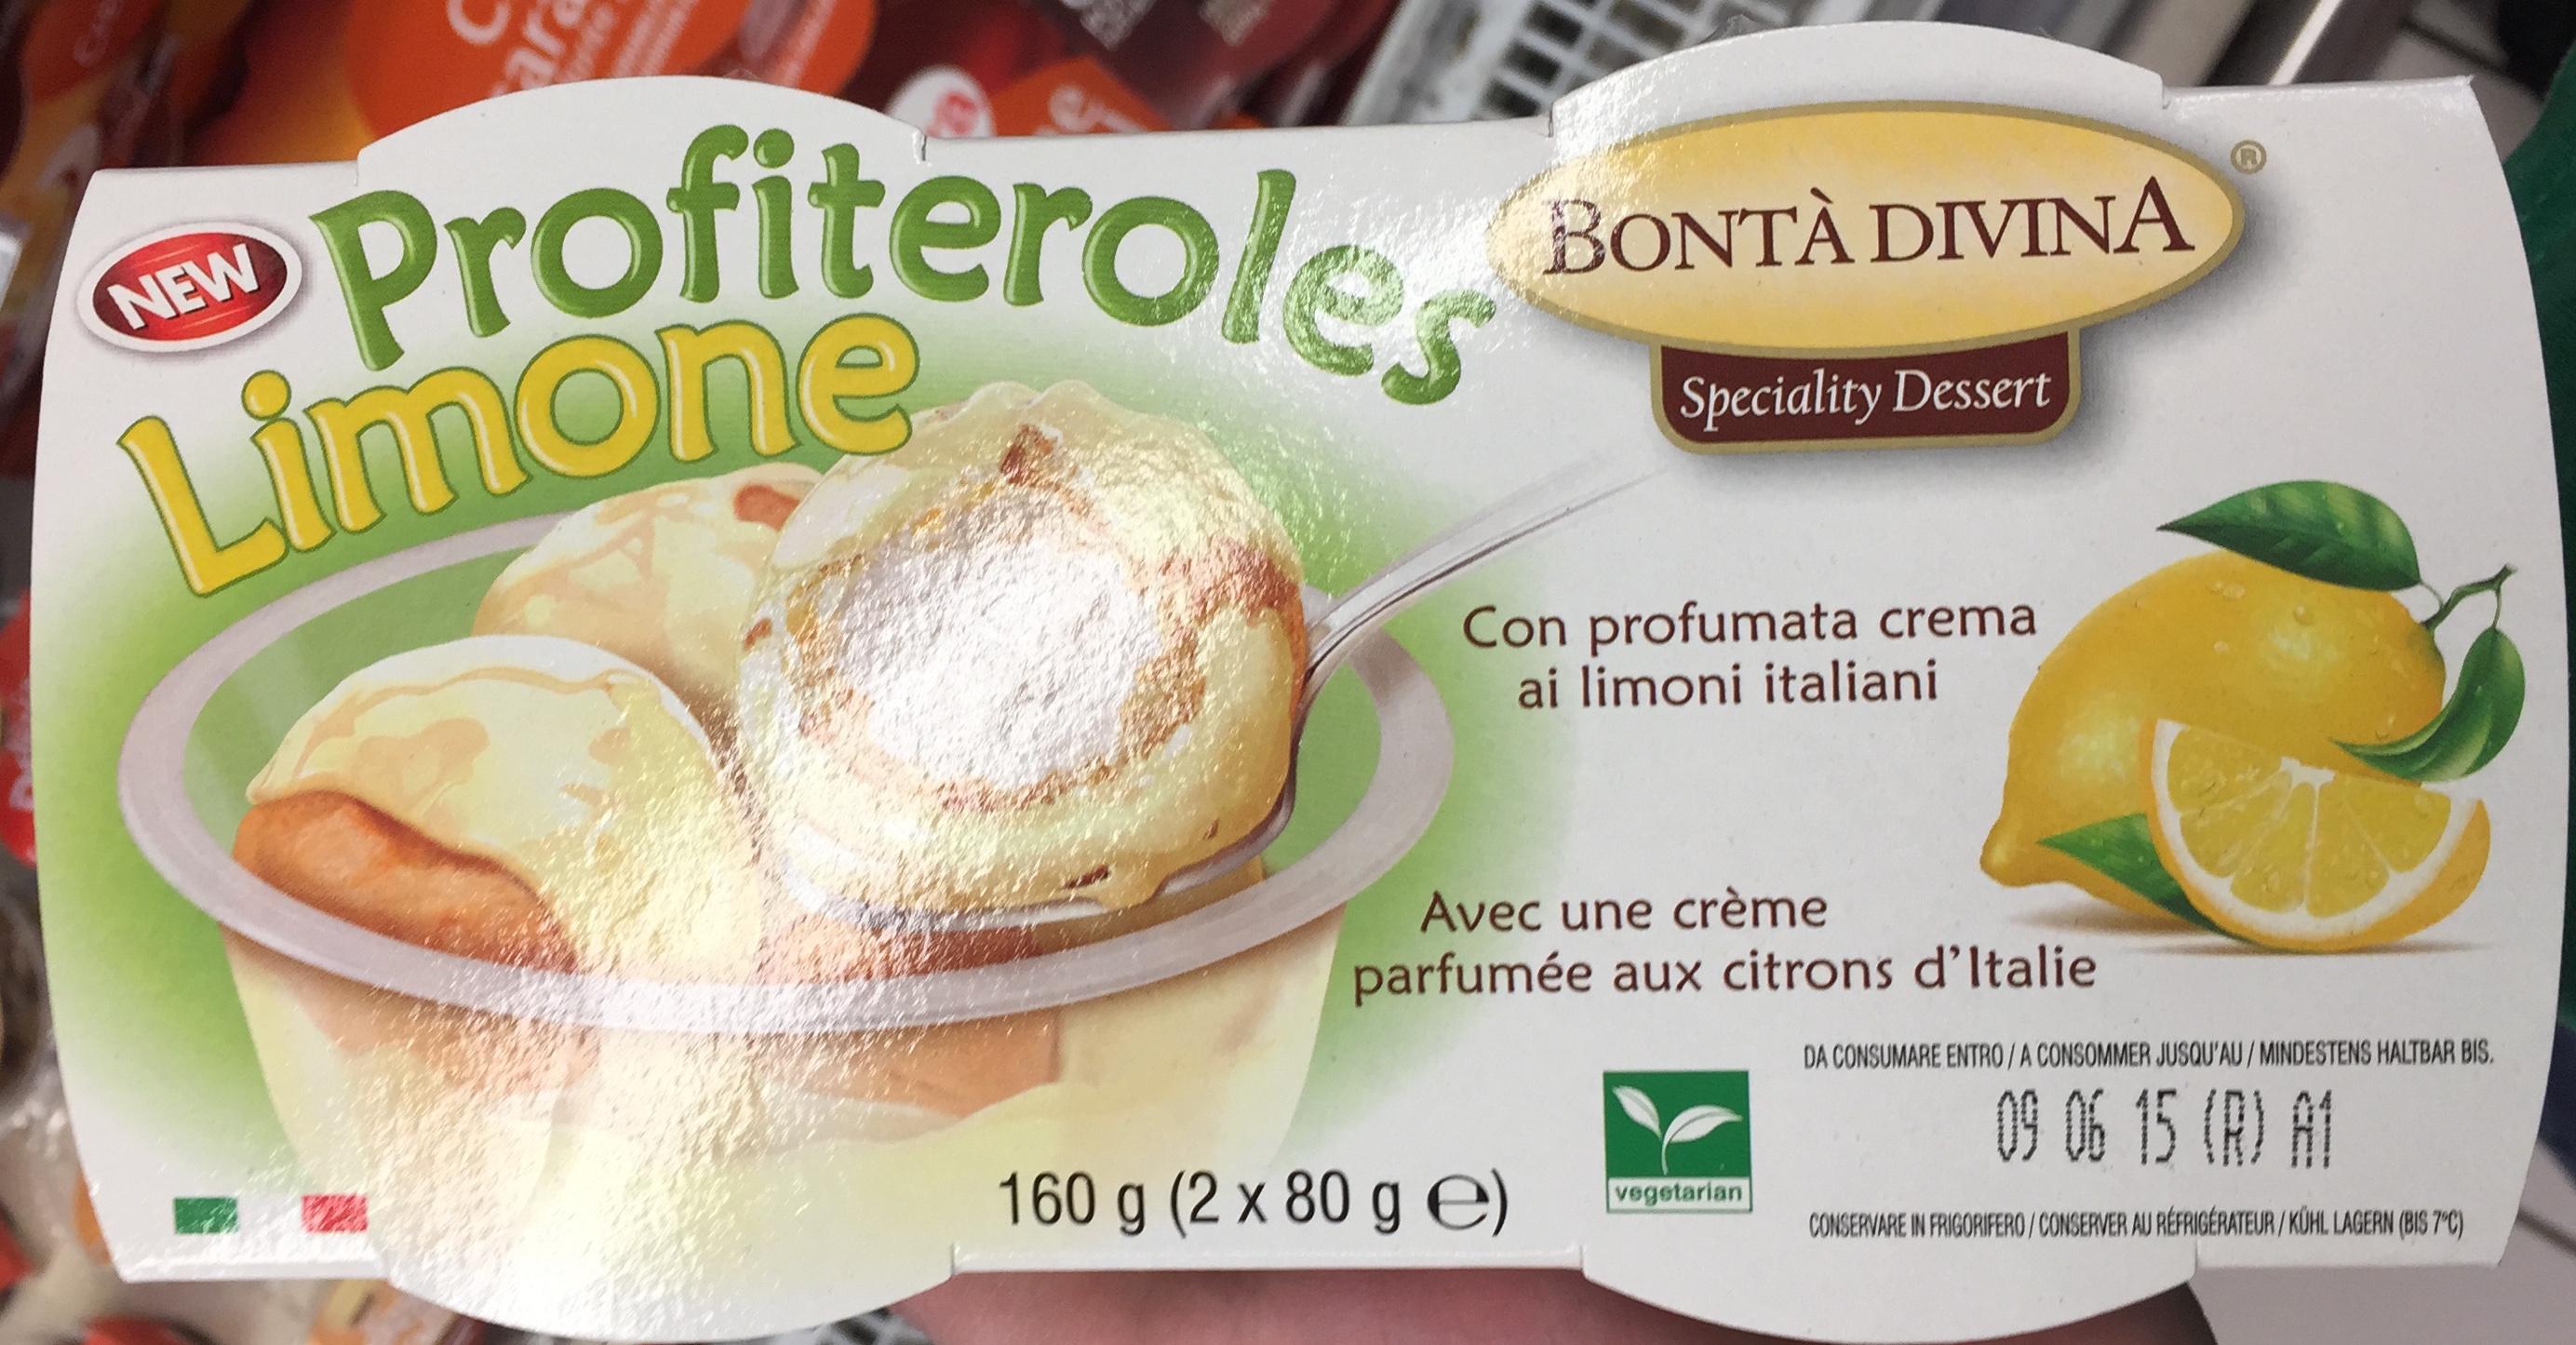 Profiteroles avec une crème parfumée aux citrons d'Italie - Product - fr